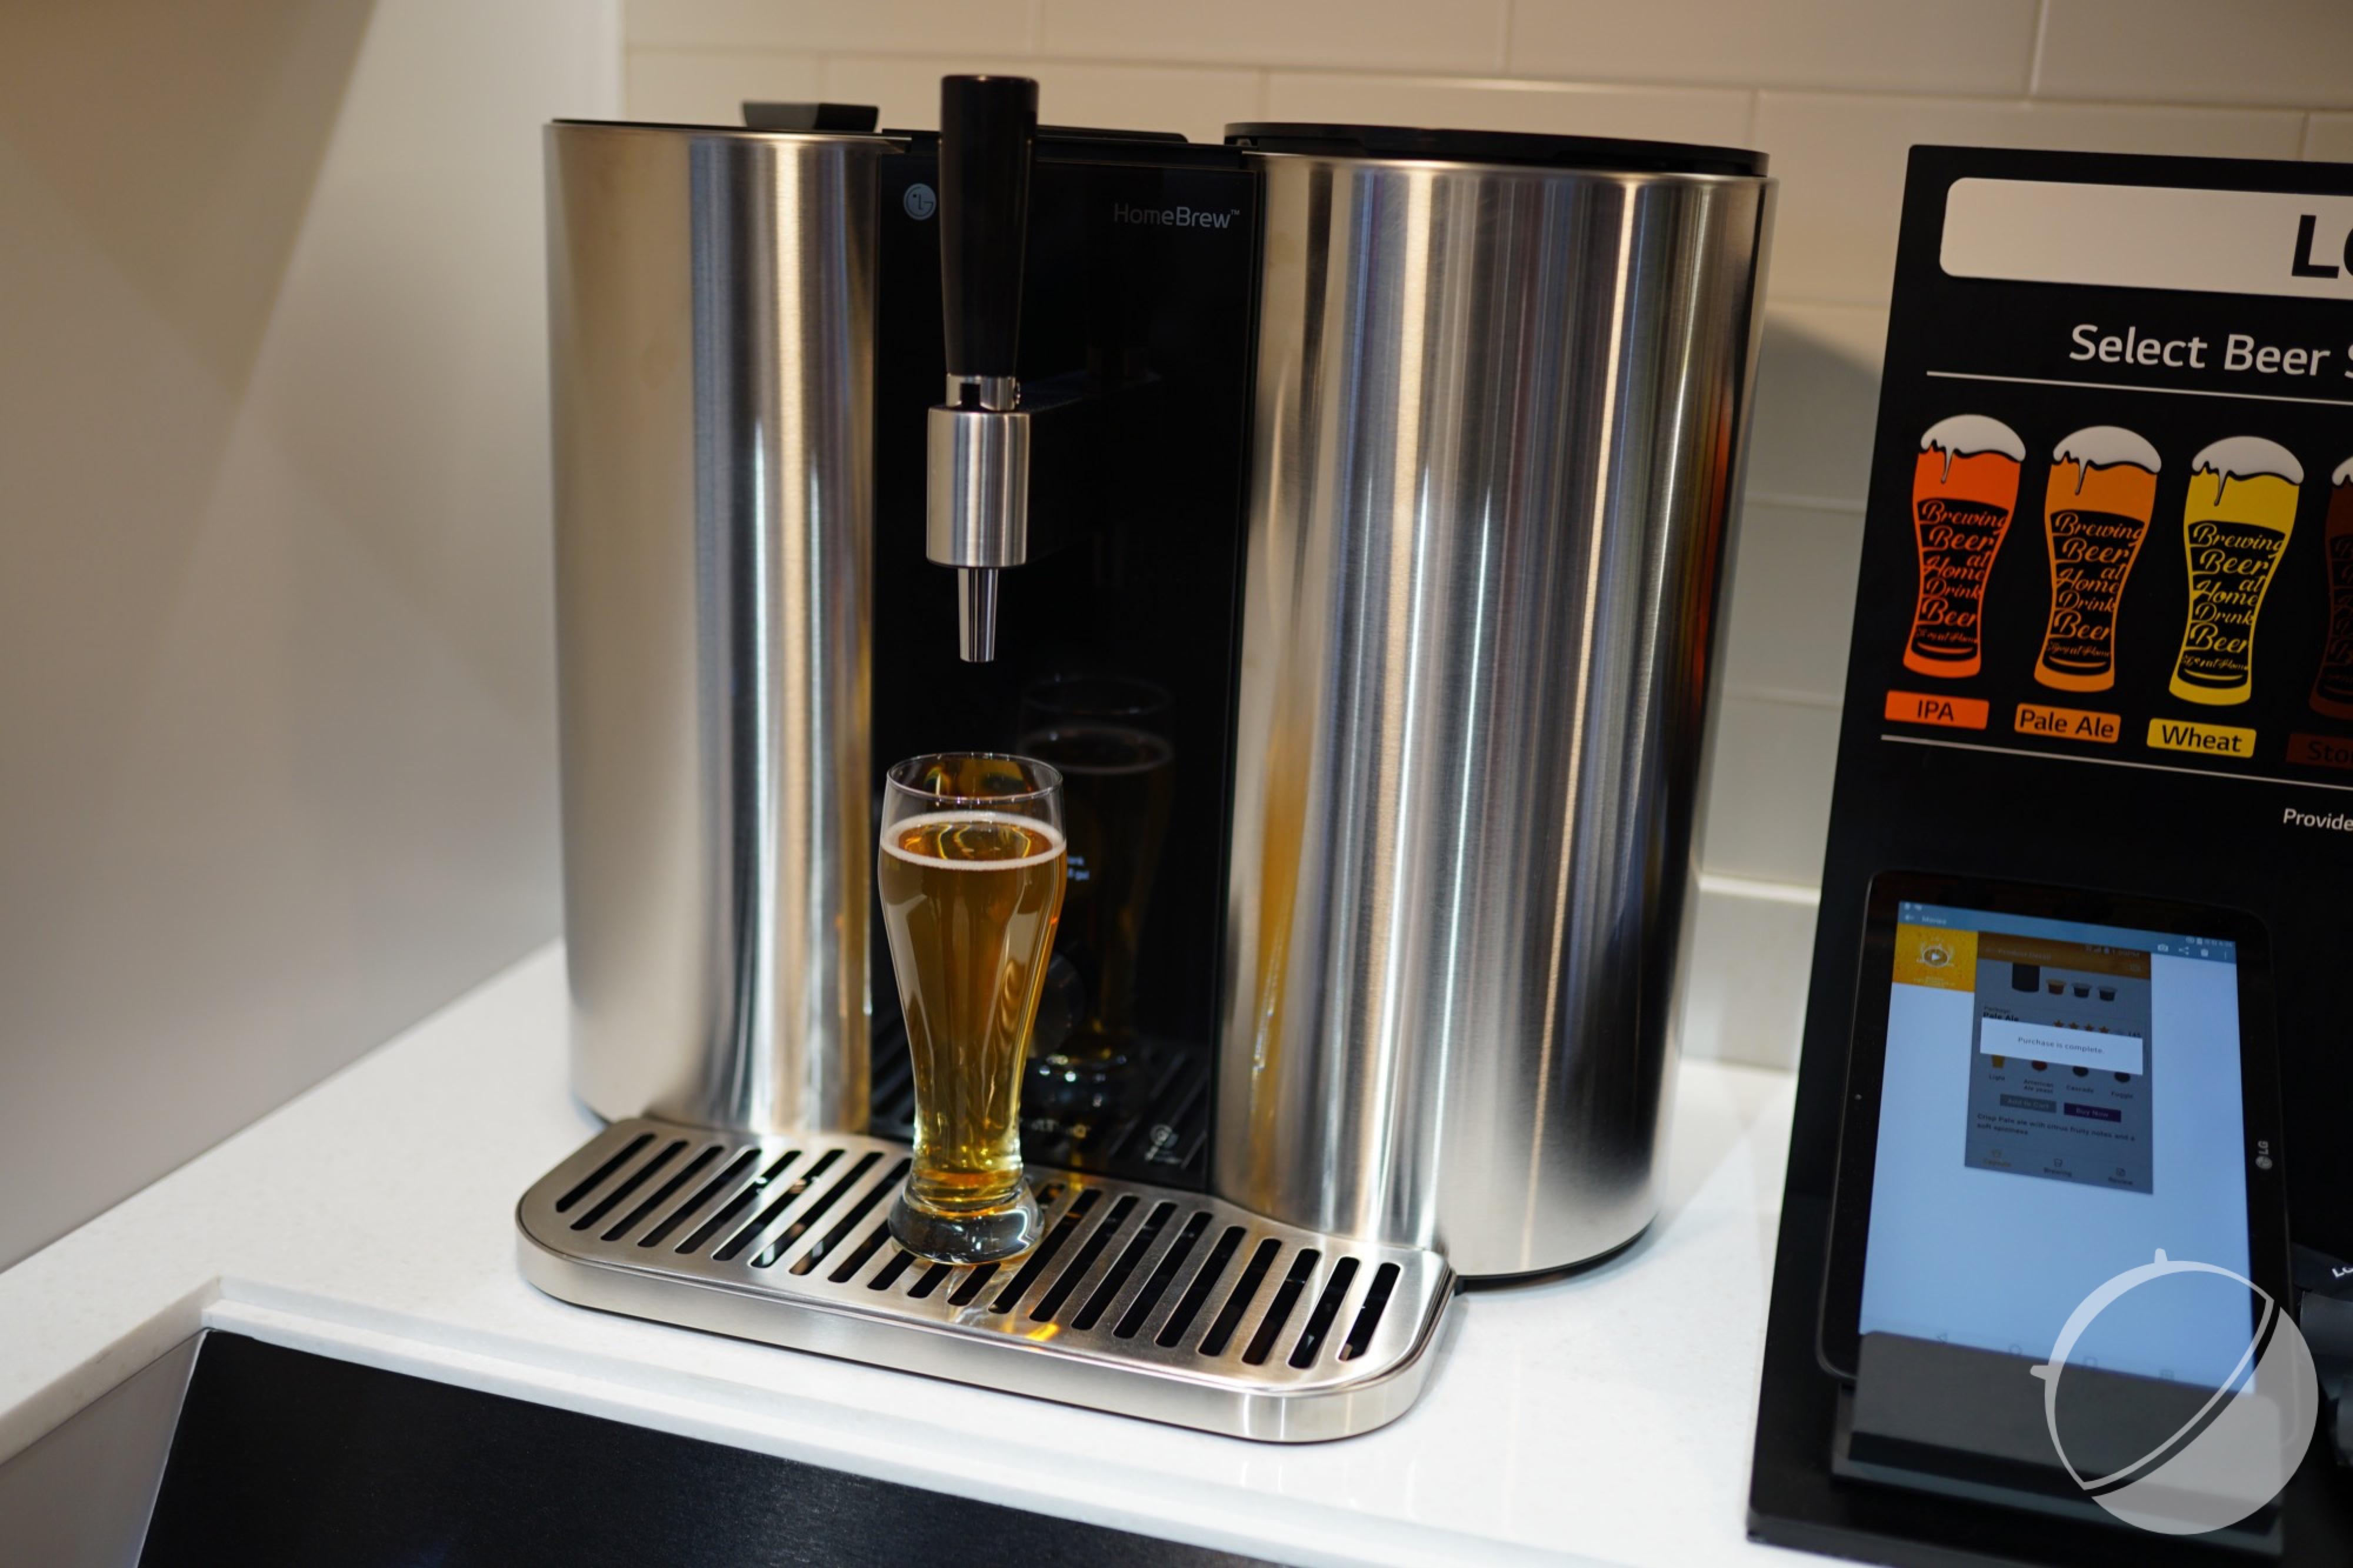 Voici la première micro-brasserie connectée pour fabriquer sa propre bière chez soi